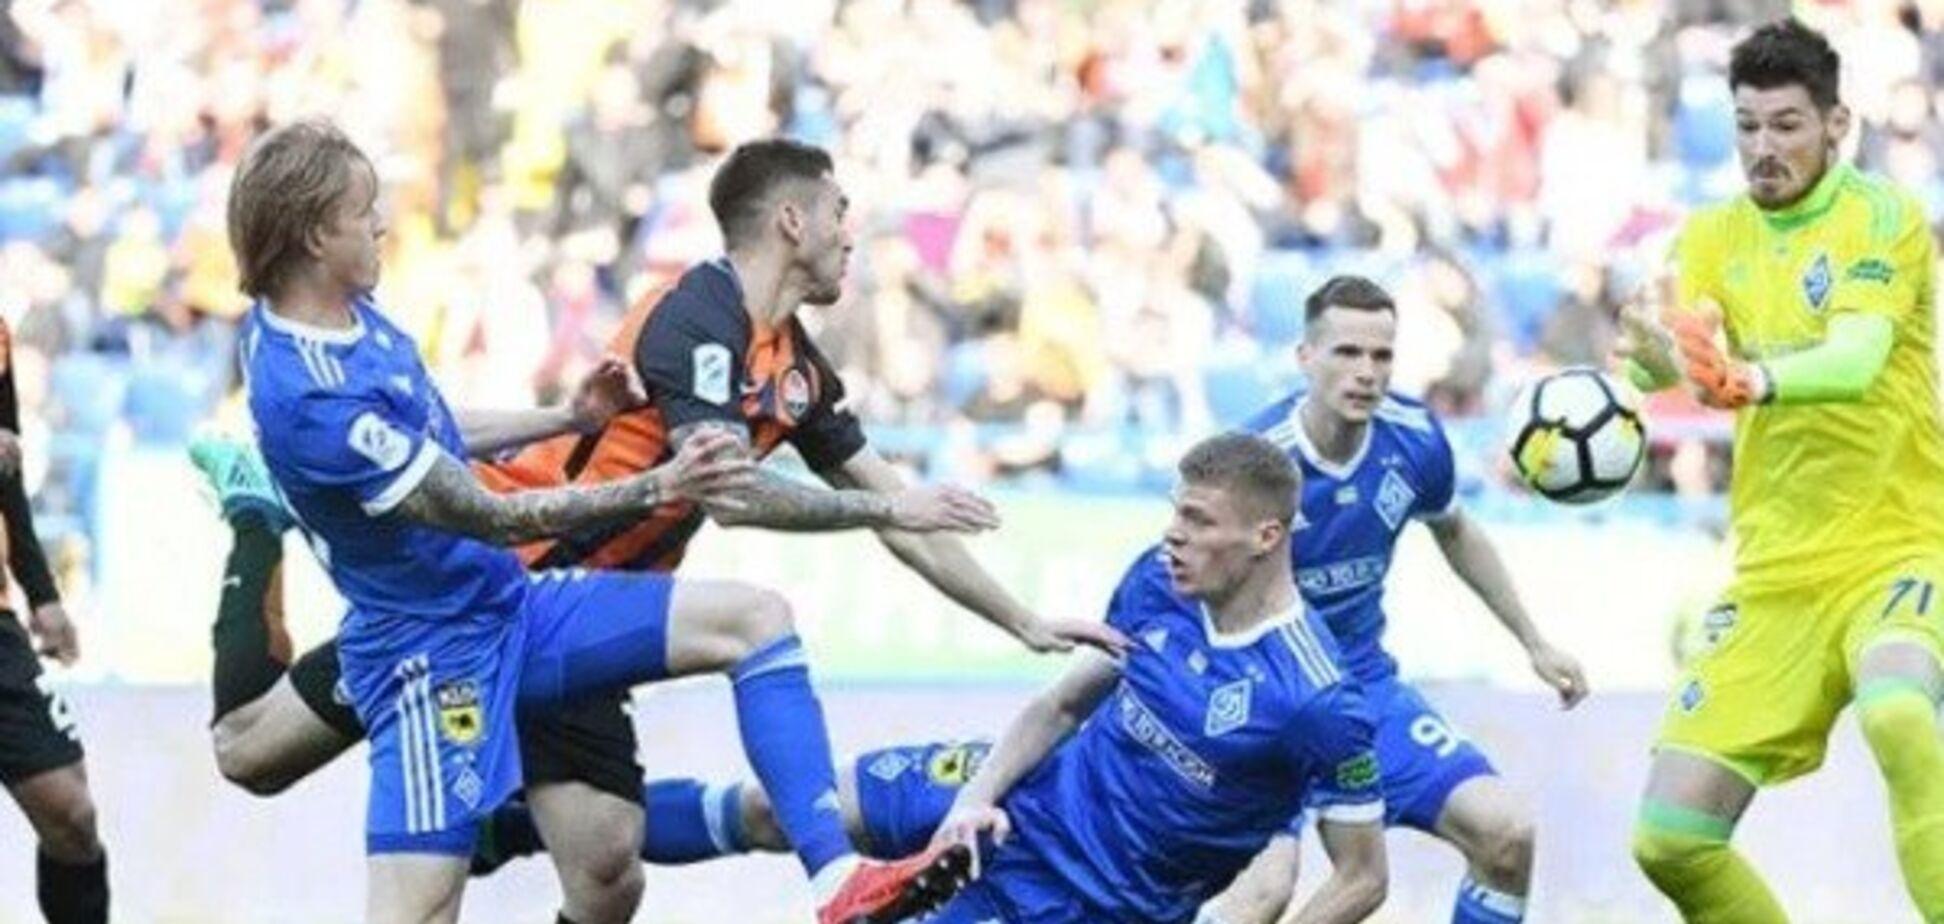 Друге вилучення! Шахтар – Динамо: дивитися онлайн матчу чвертьфіналу Кубка України